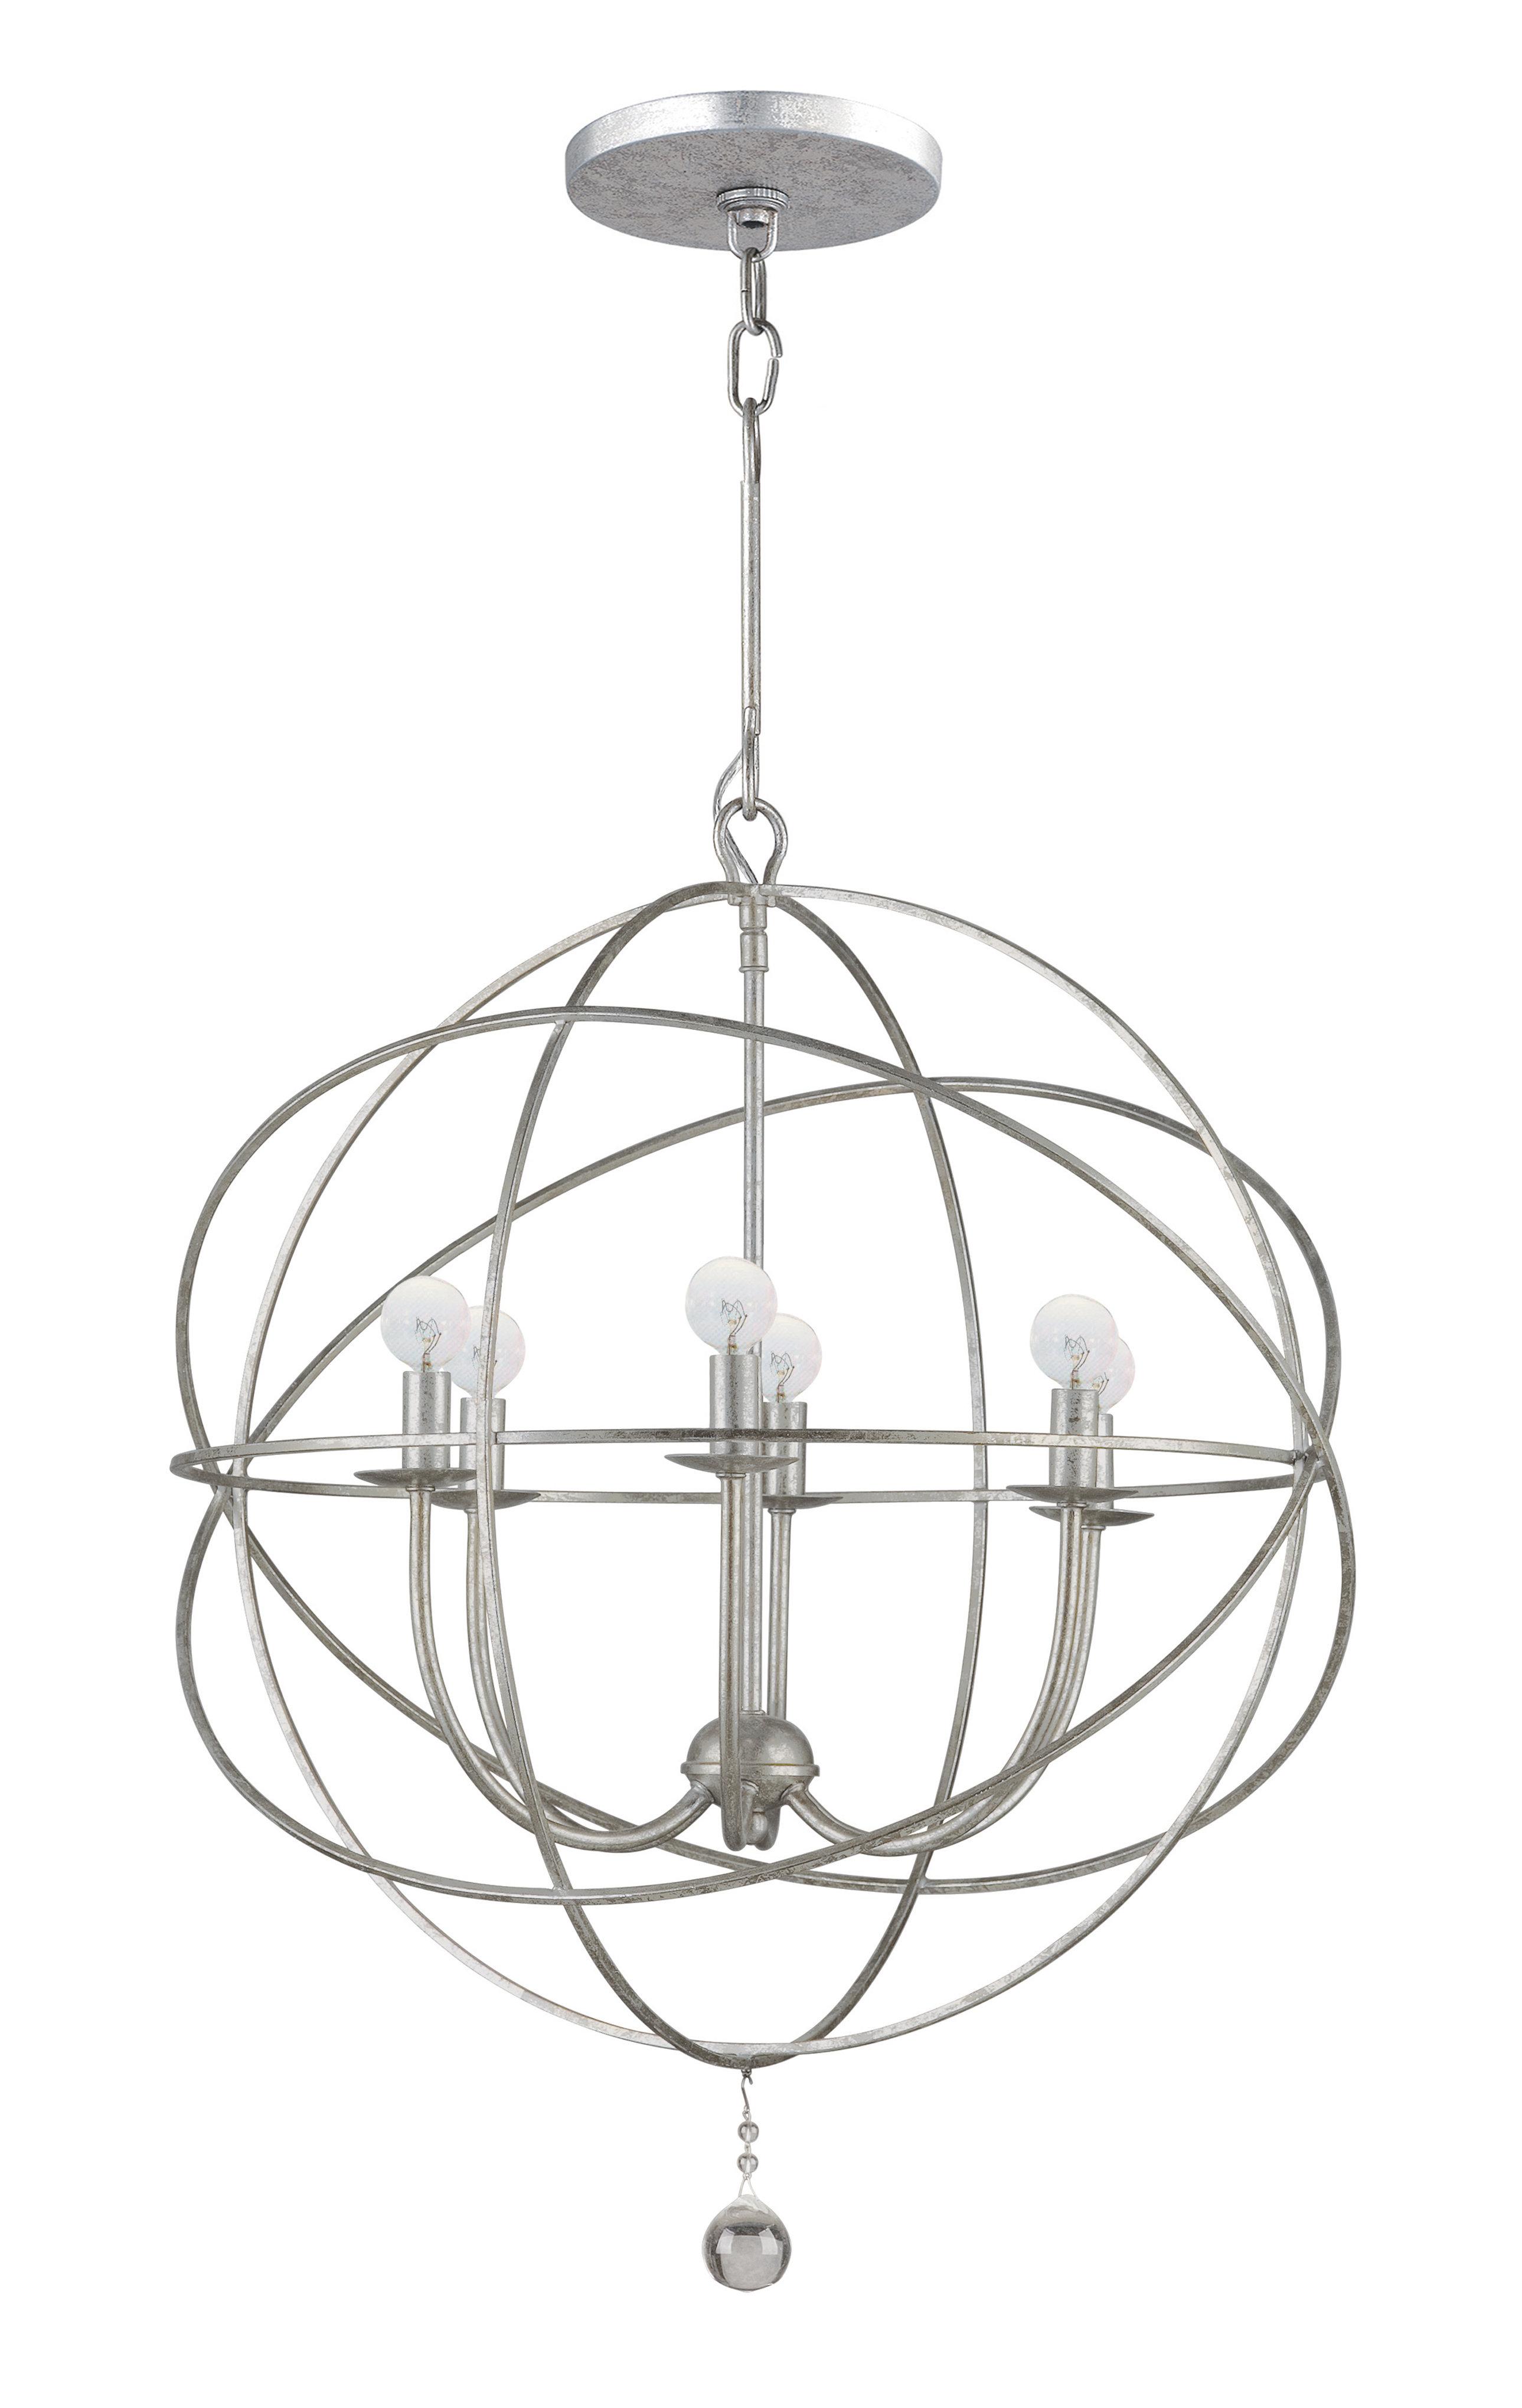 Gregoire 6 Light Globe Chandelier Intended For Alden 6 Light Globe Chandeliers (View 21 of 30)